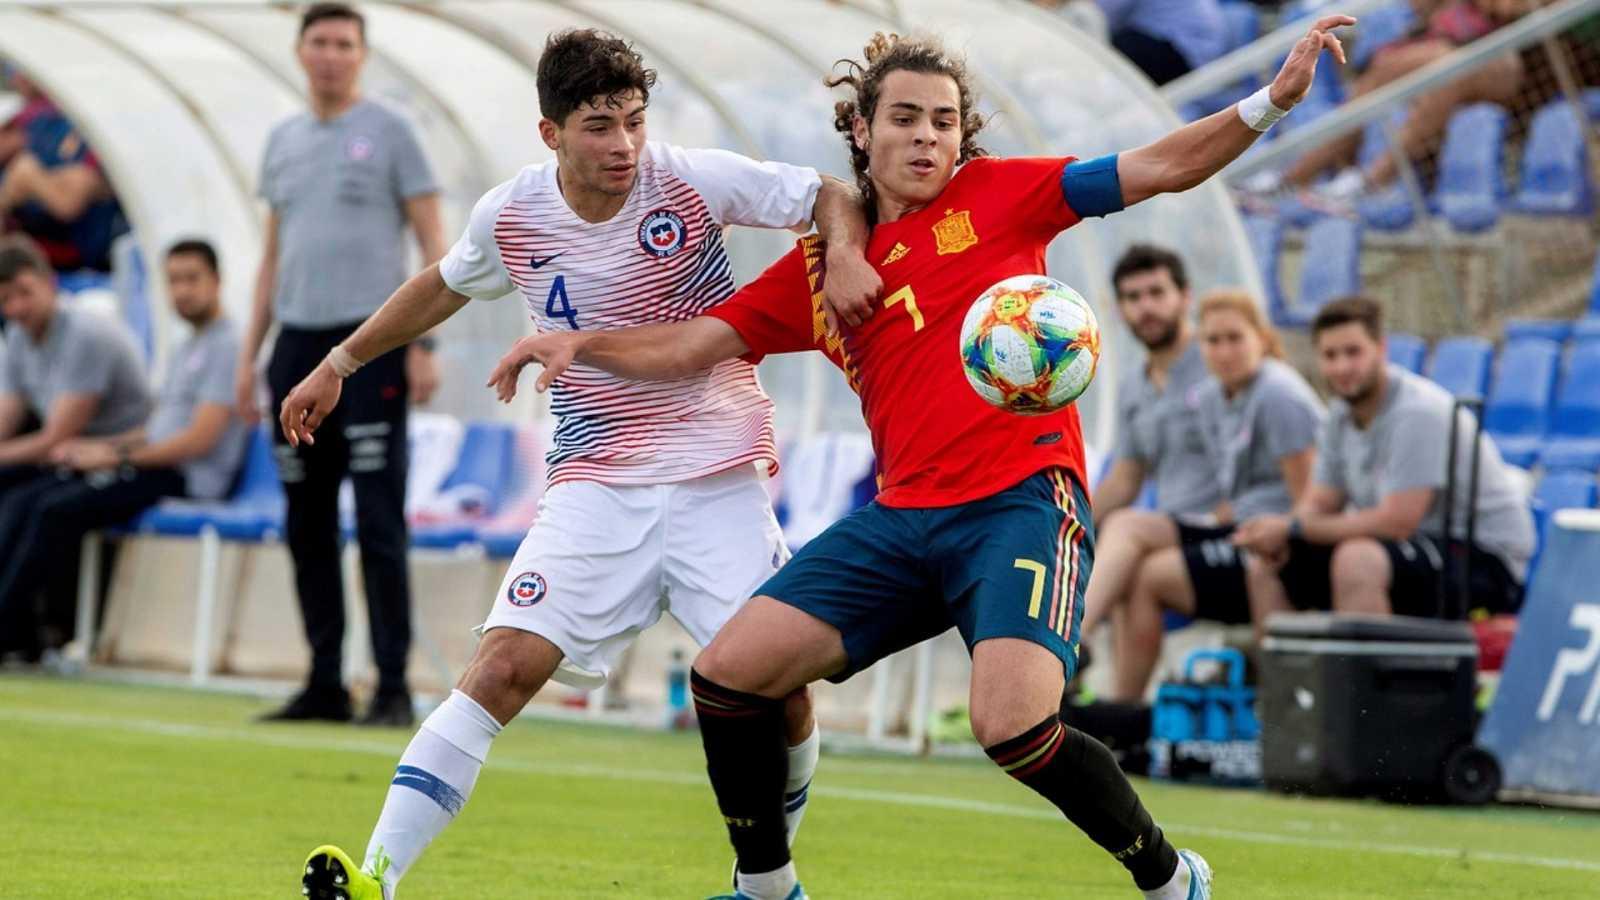 Fútbol - Programa Clasificación Eurocopa 2020 - 11/10/19 - ver ahora